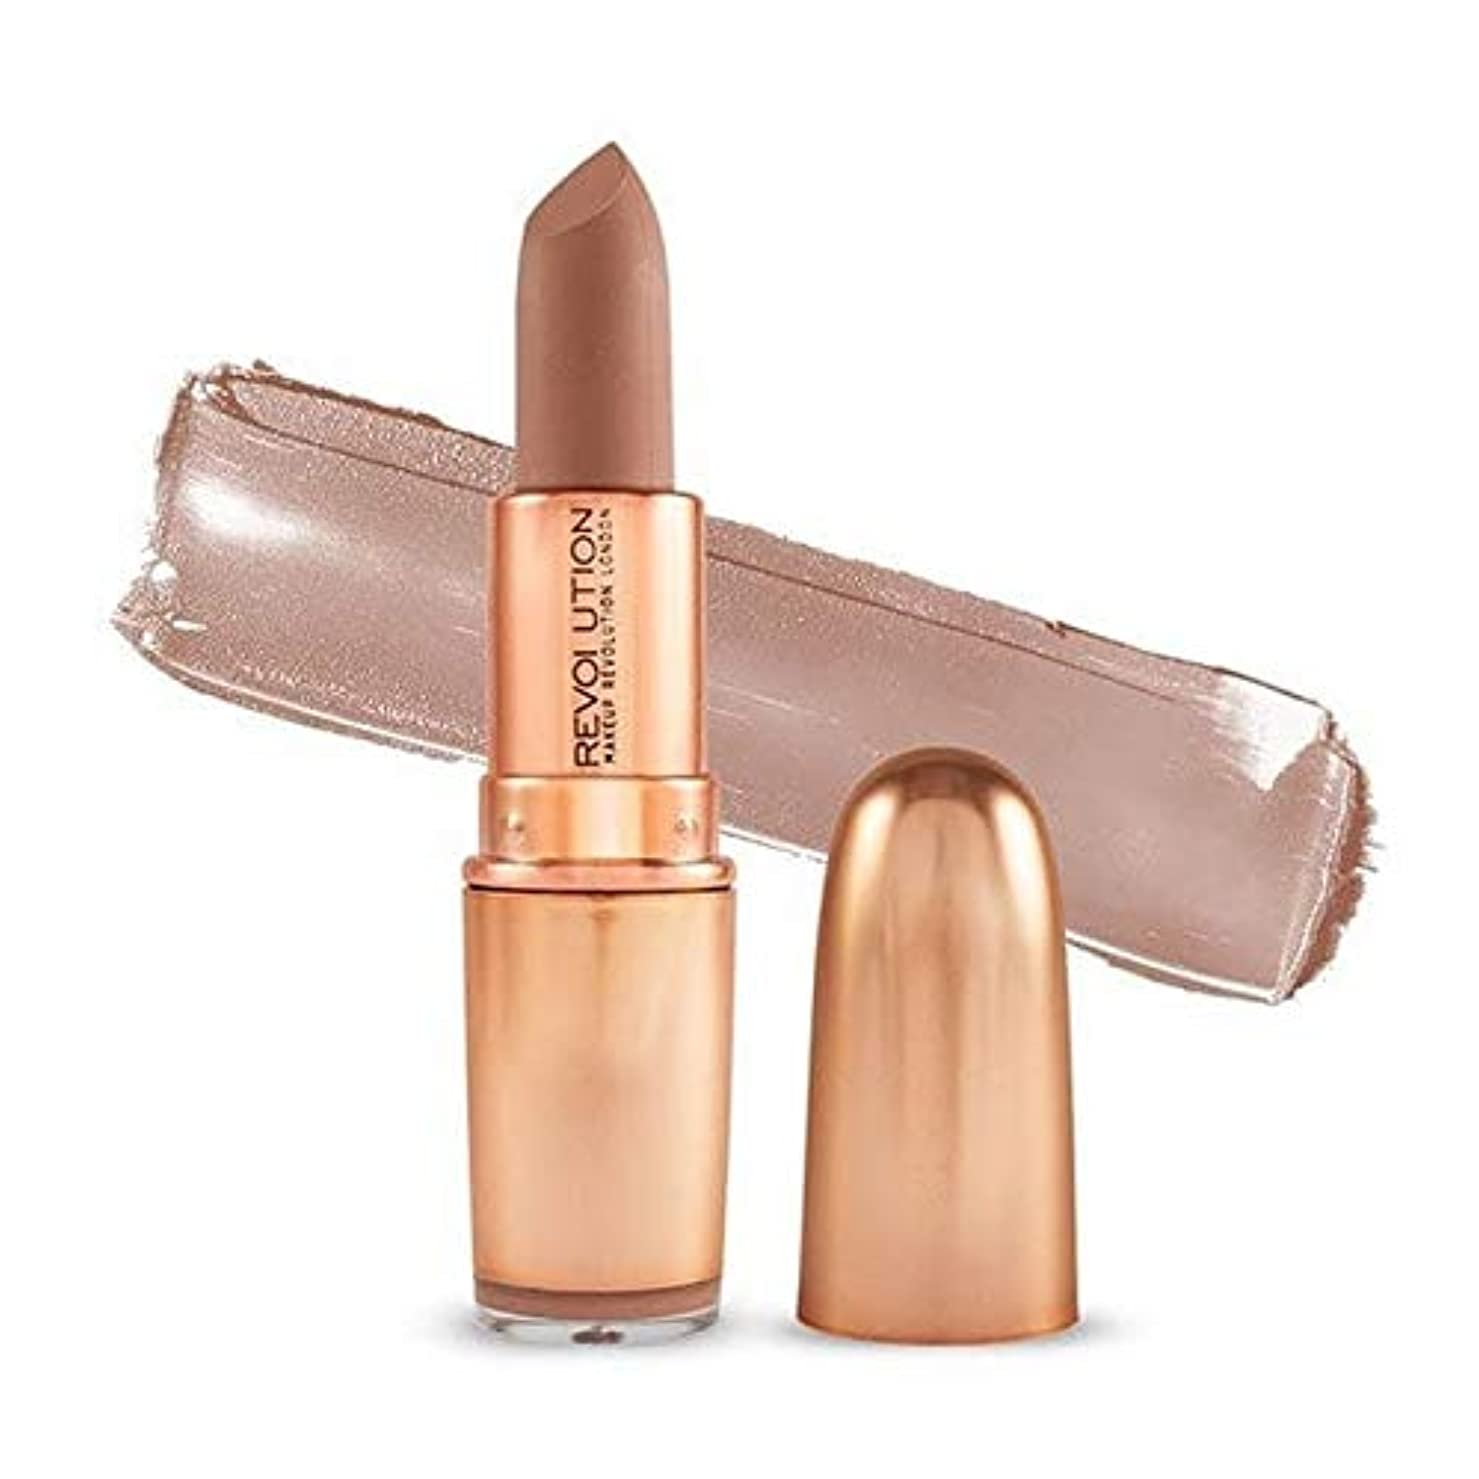 静かにベテラン南アメリカ[Revolution ] 革命の象徴的なマットな希望的観測ヌード口紅 - Revolution Iconic Matte Nude Lipstick Wishful [並行輸入品]